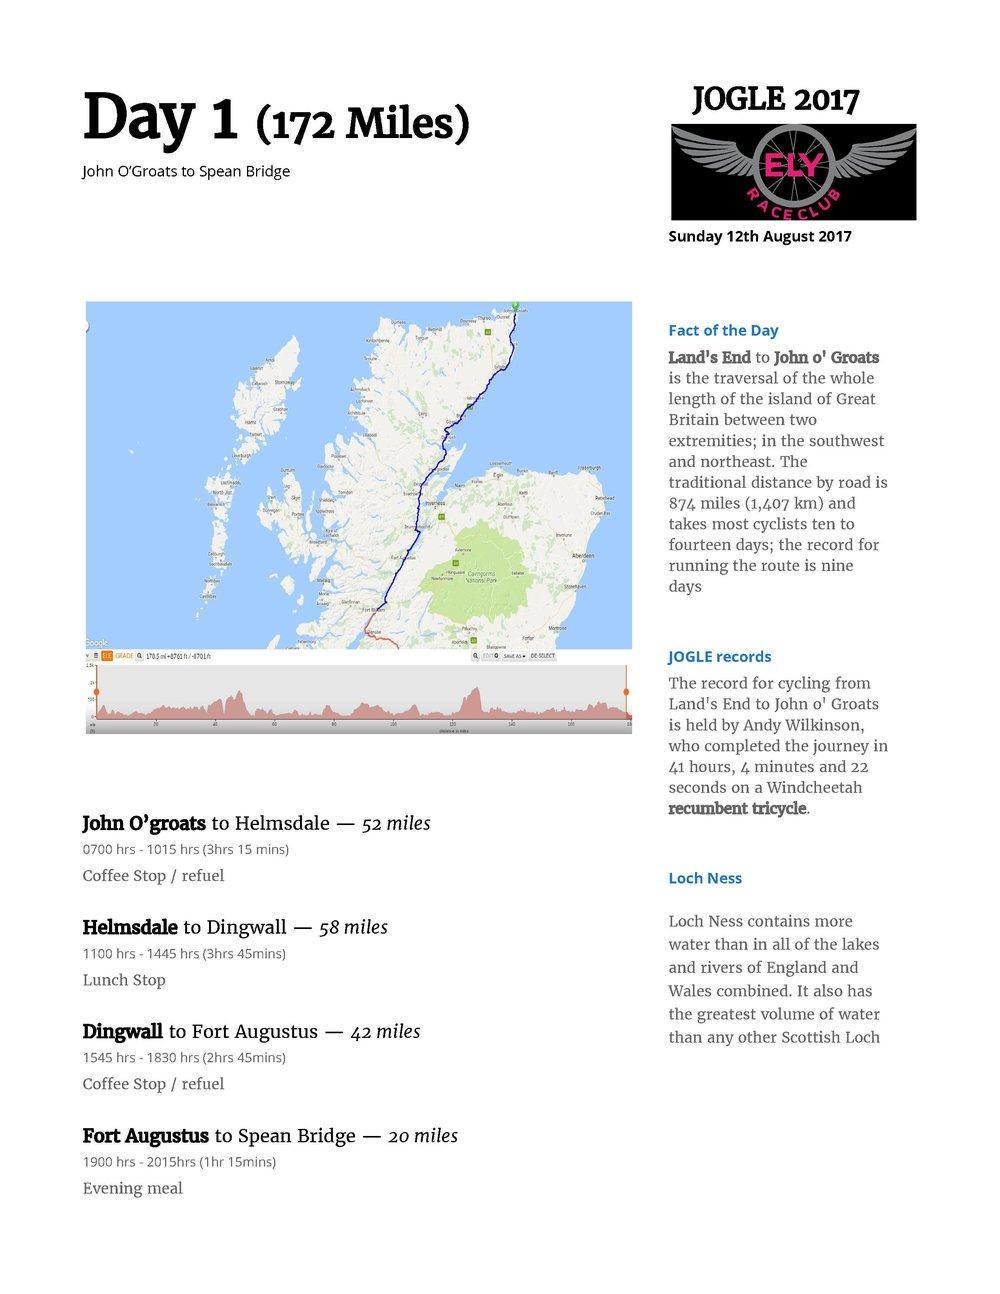 JOGLE route.jpg